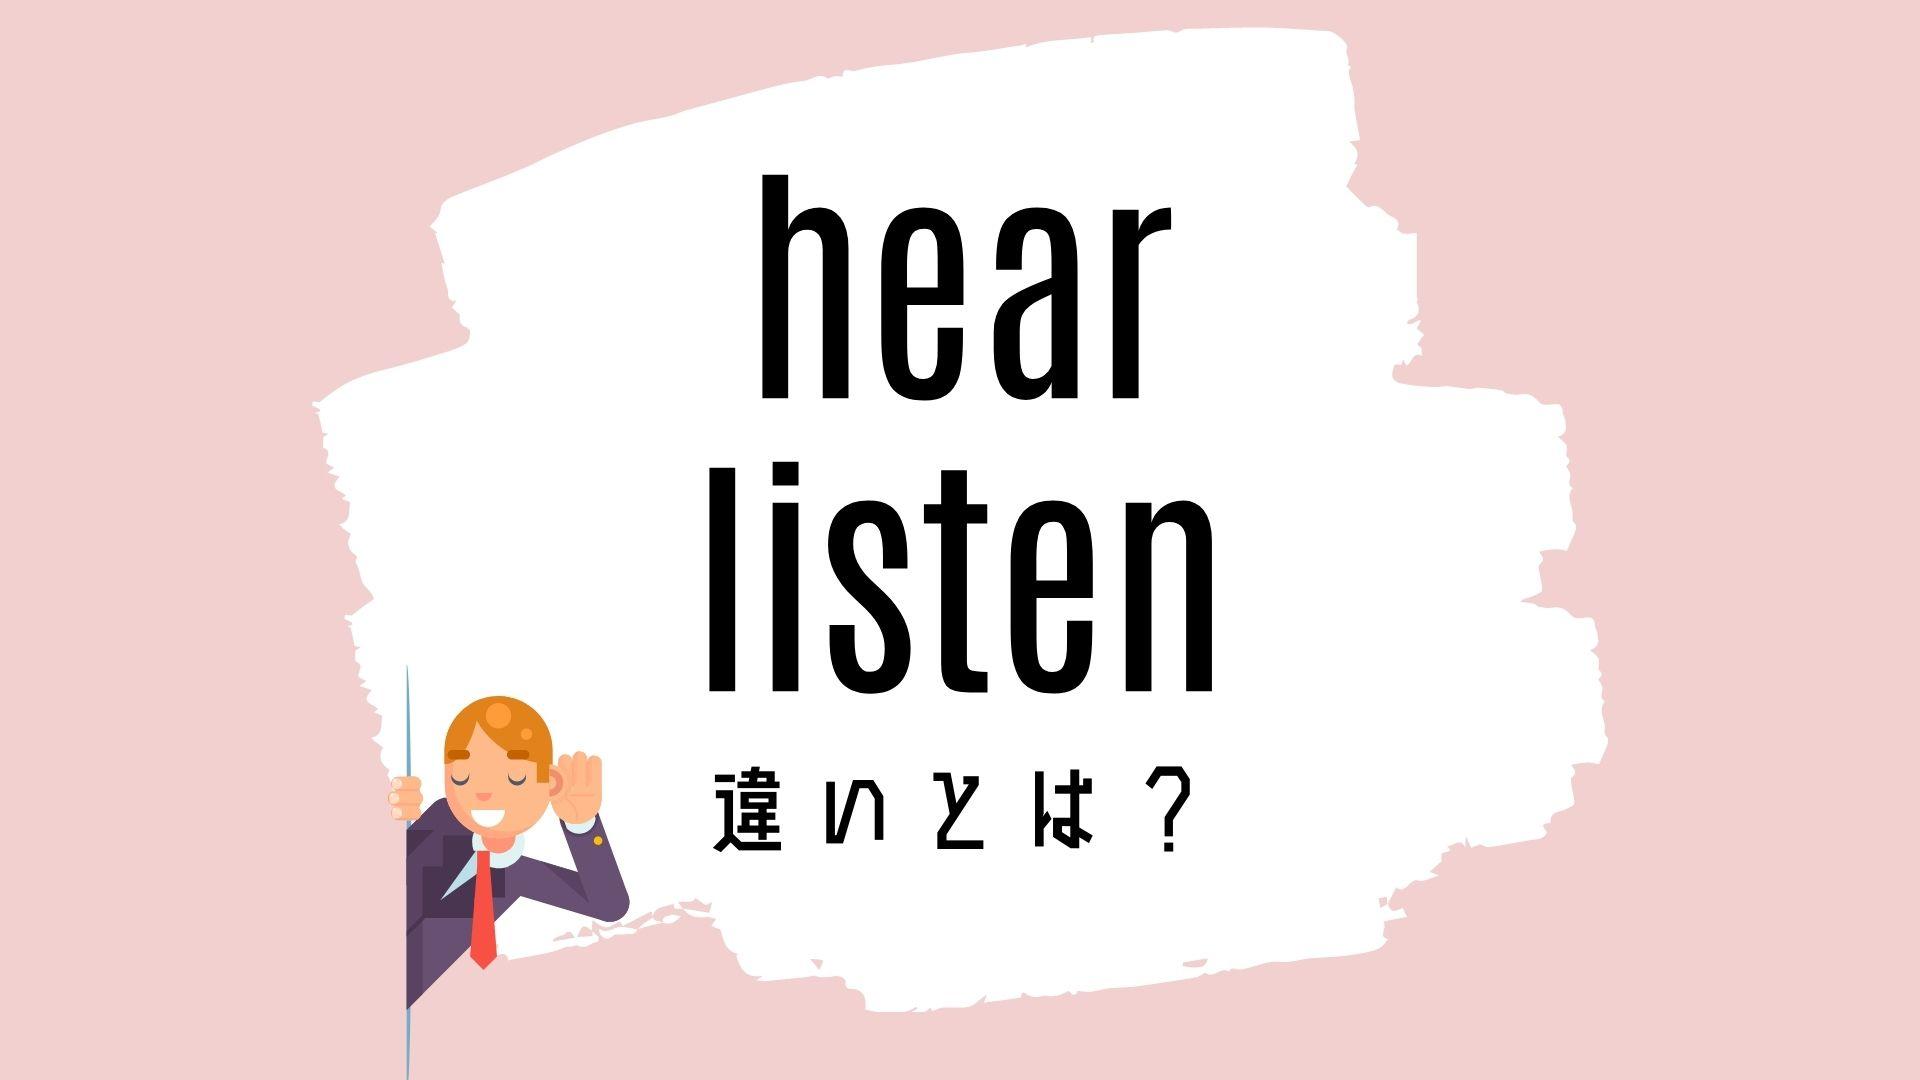 hear / listenの意味の違いとは?使い方を解説